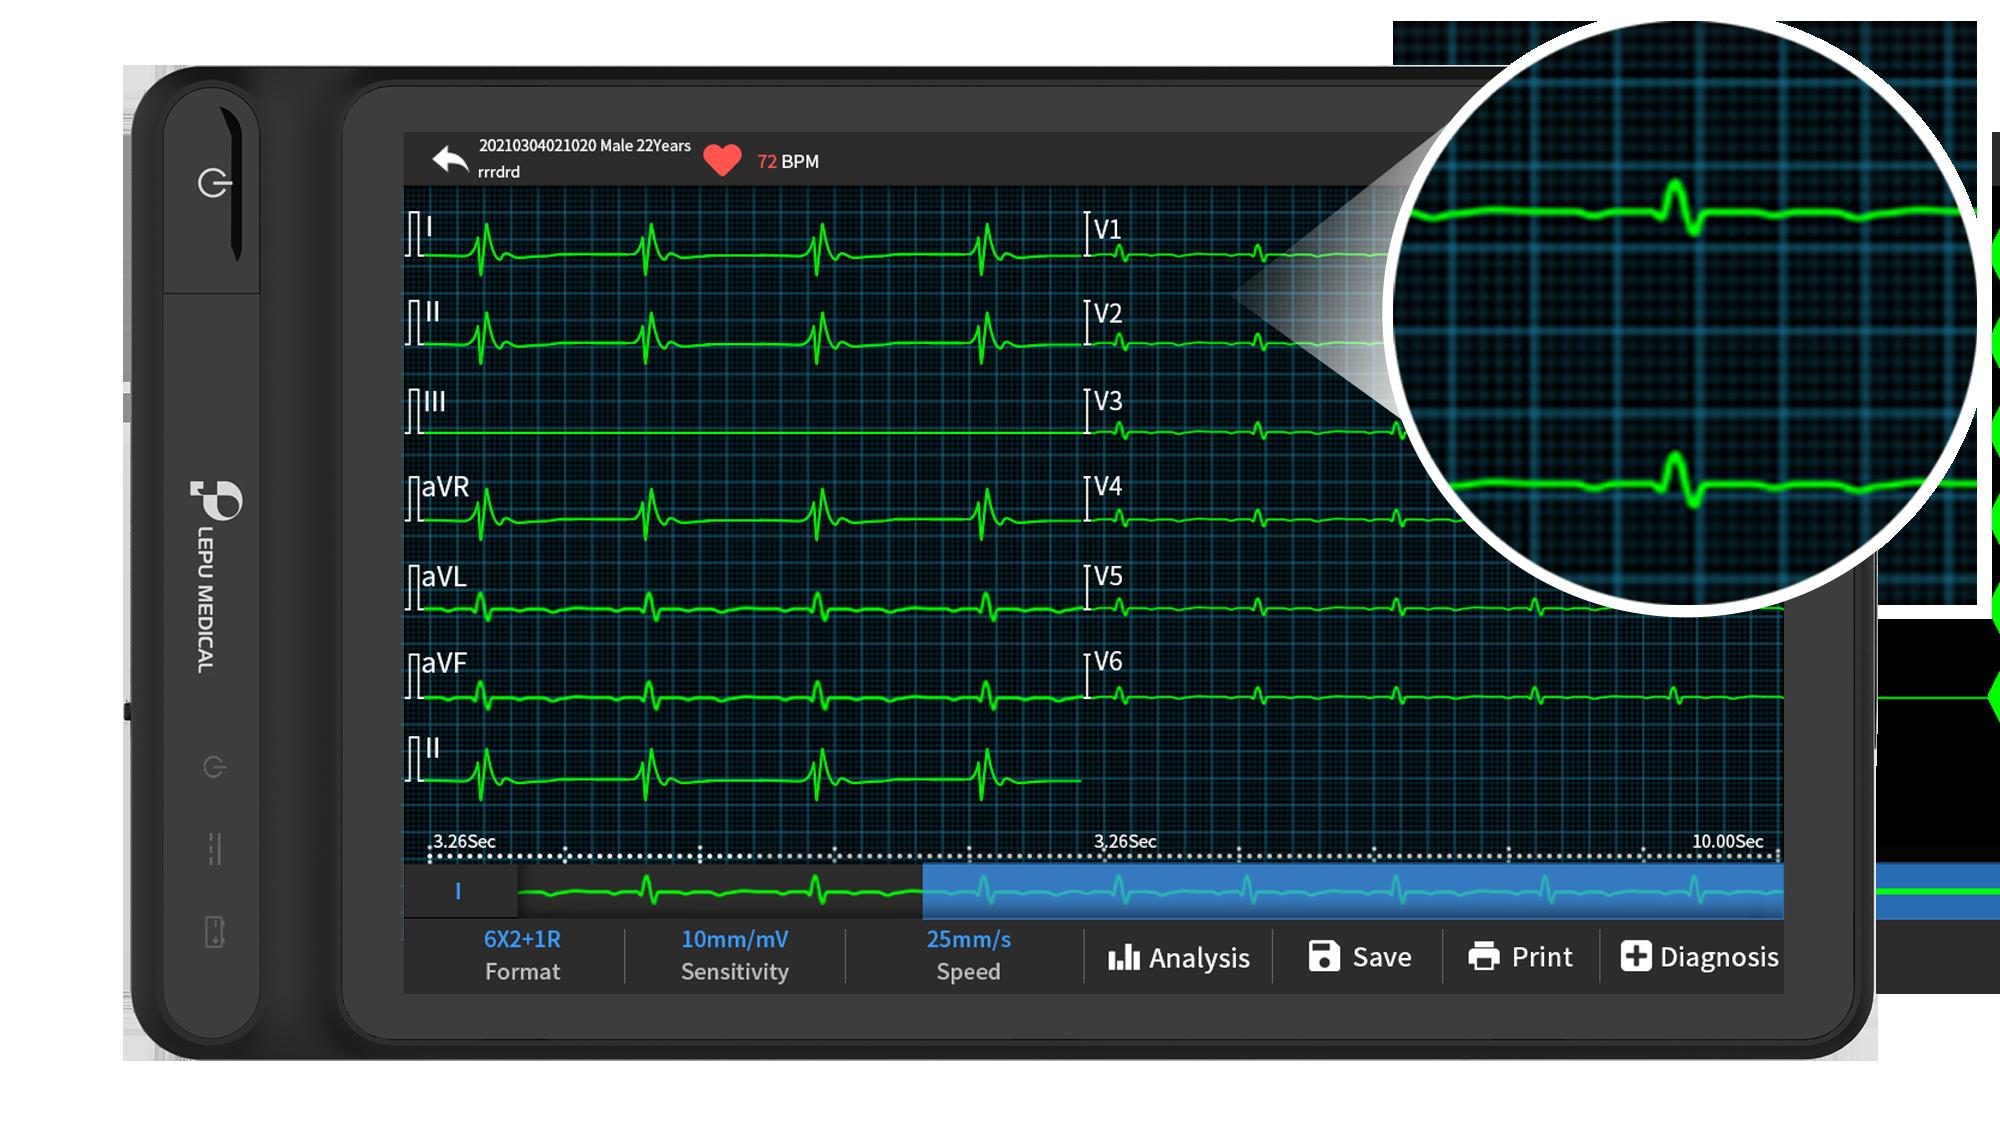 Vea formas de onda y ECG claramente en la pantalla del ECG basado en tableta inteligente Wellue.